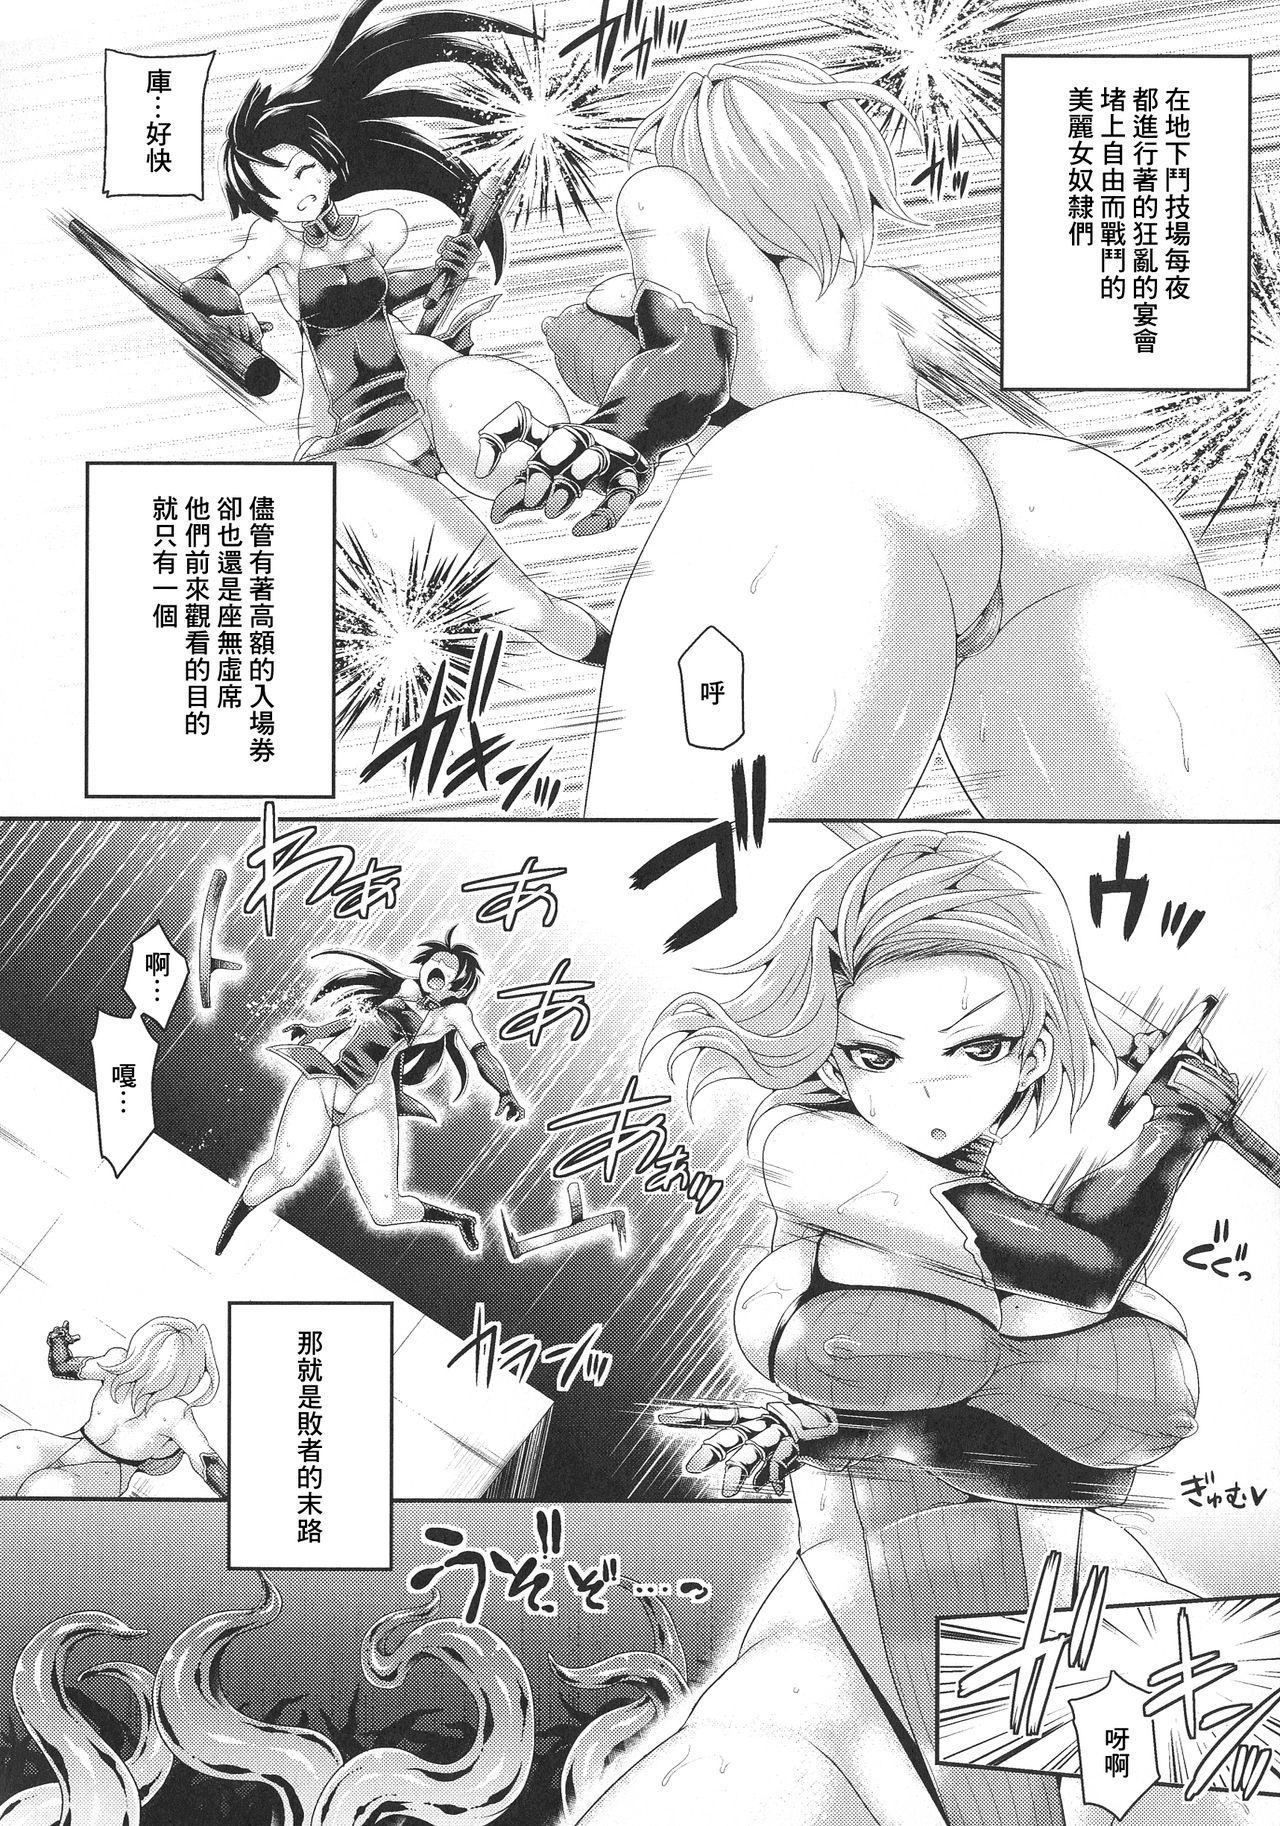 Futanari Gal Brave - Tsuiteru Gal Yuusha Isekai no ji ni Botsu 112